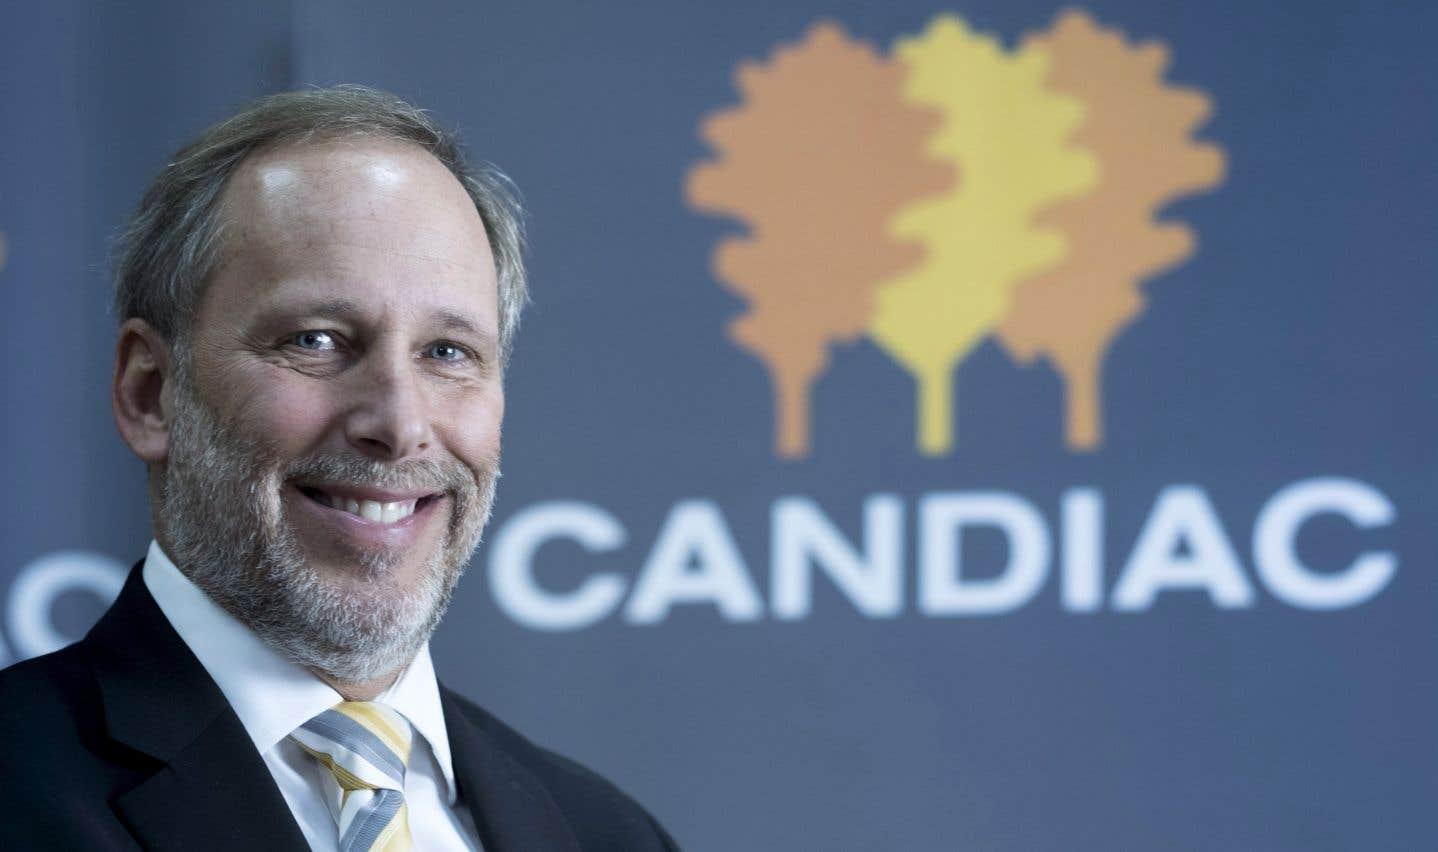 Le maire de Candiac, Normand Dyotte, de même que les huit conseillers de la Ville ont été élus par acclamation.